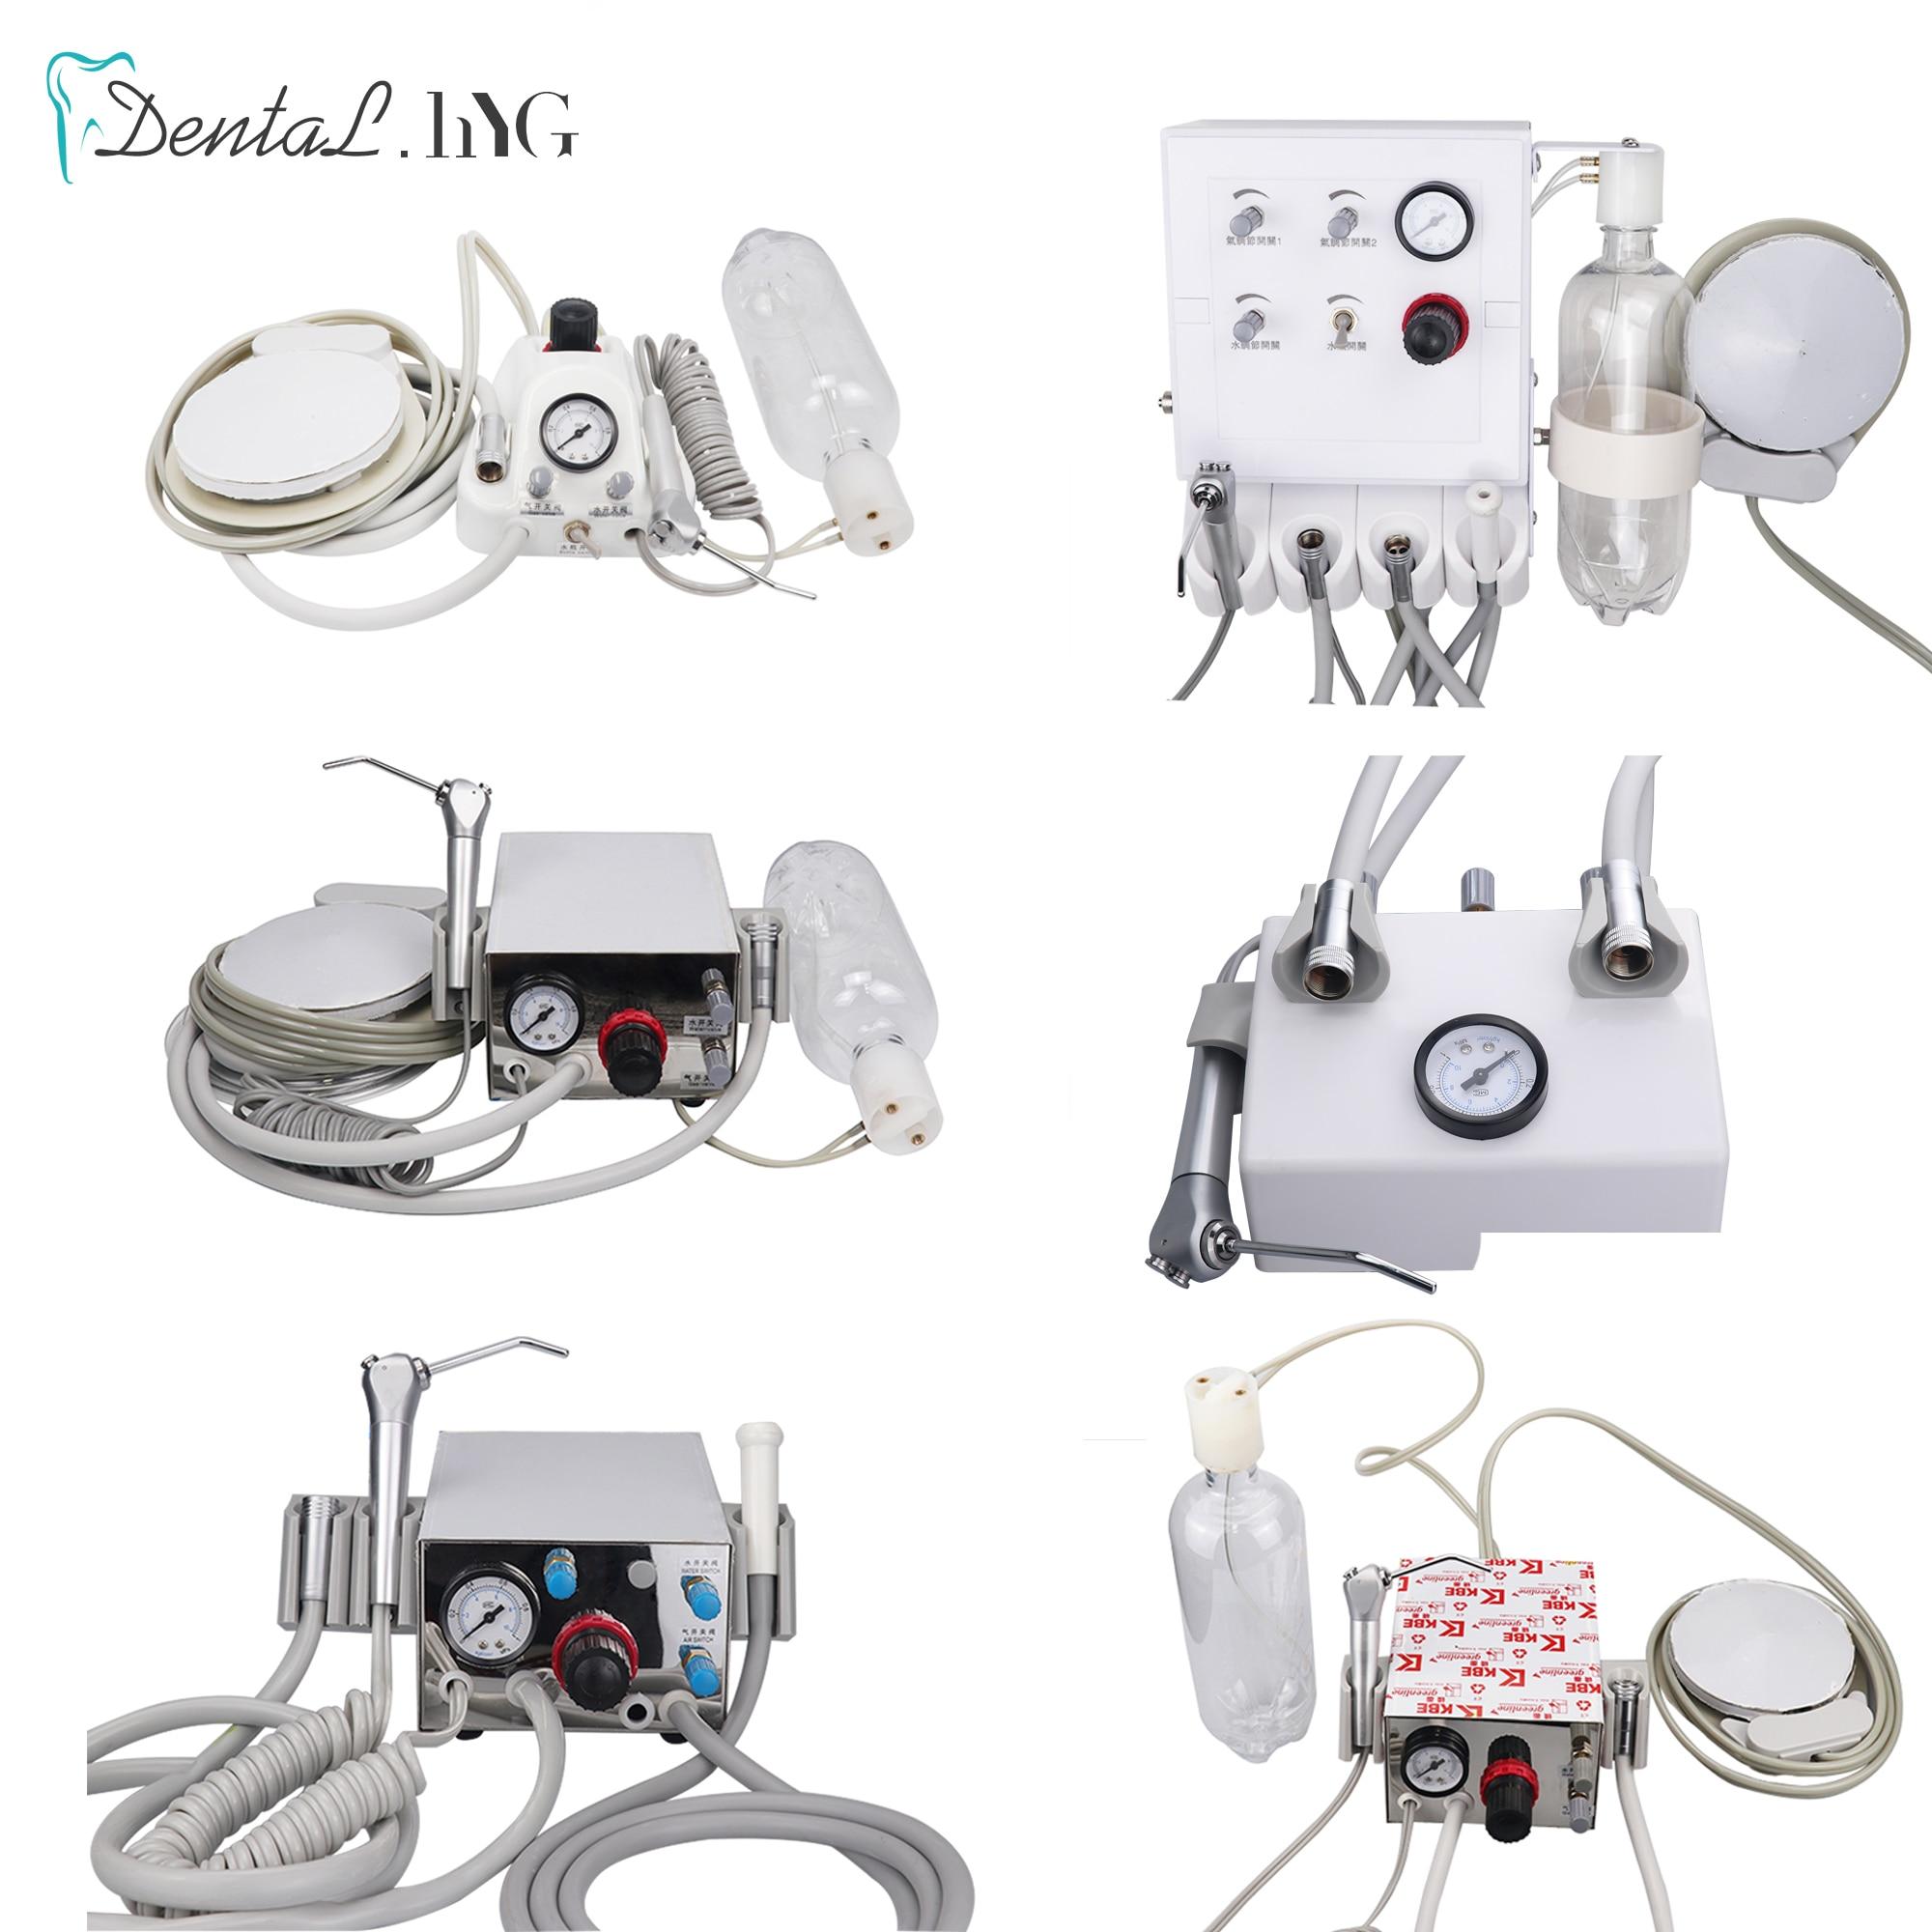 وحدة توربينية محمولة للأسنان تعمل مع ضاغط الهواء 3 طريقة حقنة 2/4 ثقوب معدات تبييض الأسنان الأسنان